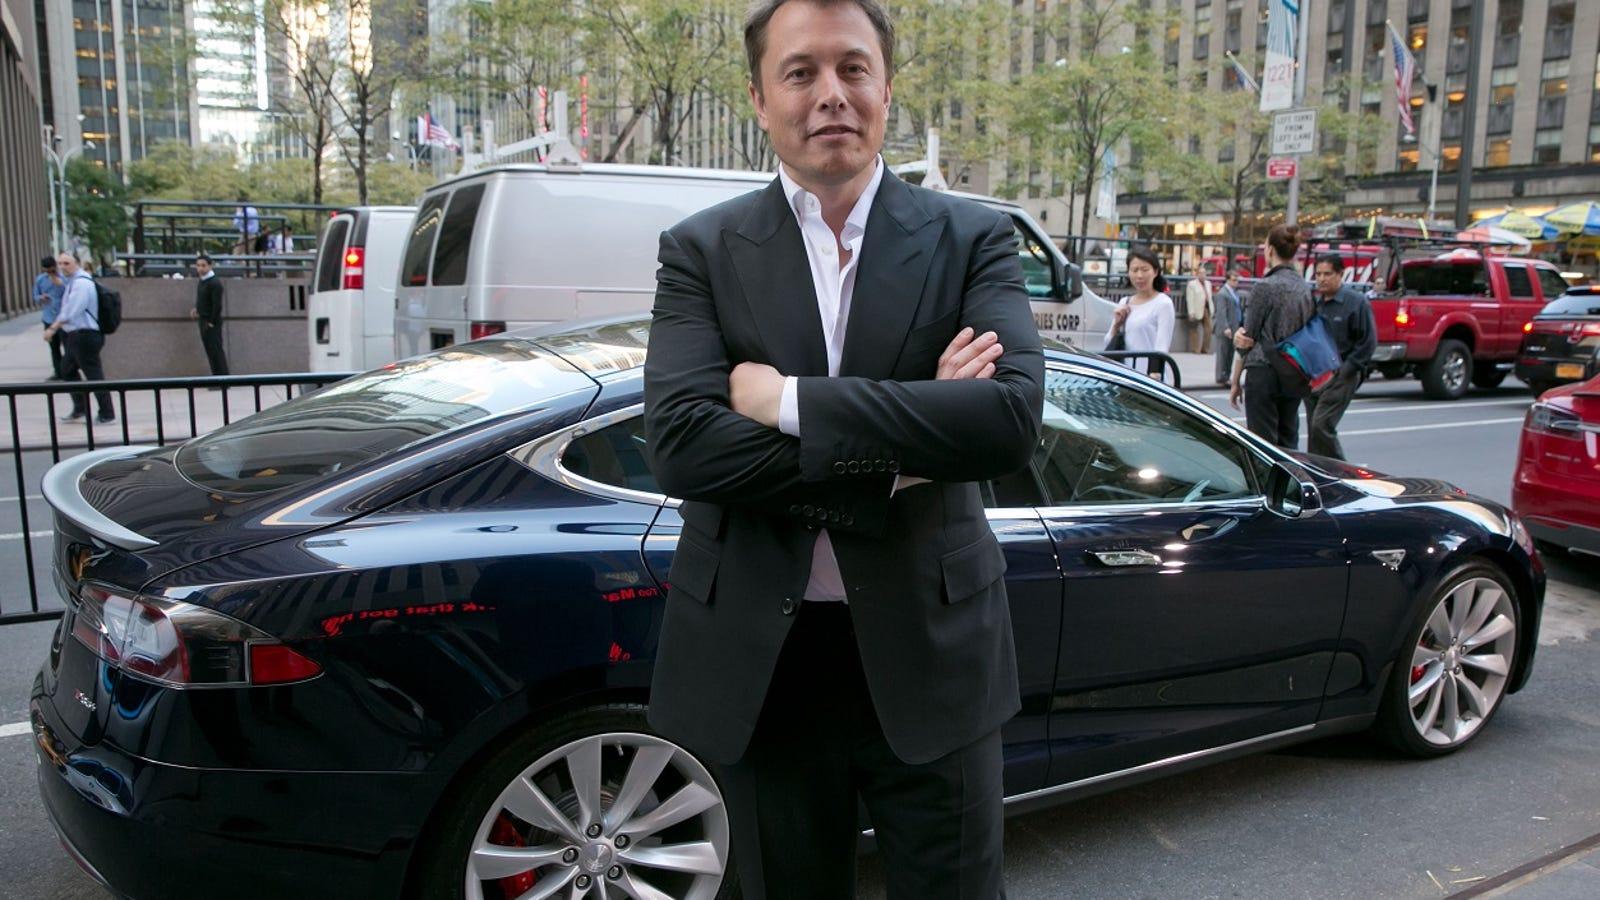 Elon Musk dice que en dos años los coches autónomos de Tesla serán tan buenos que el piloto podrá viajar durmiendo